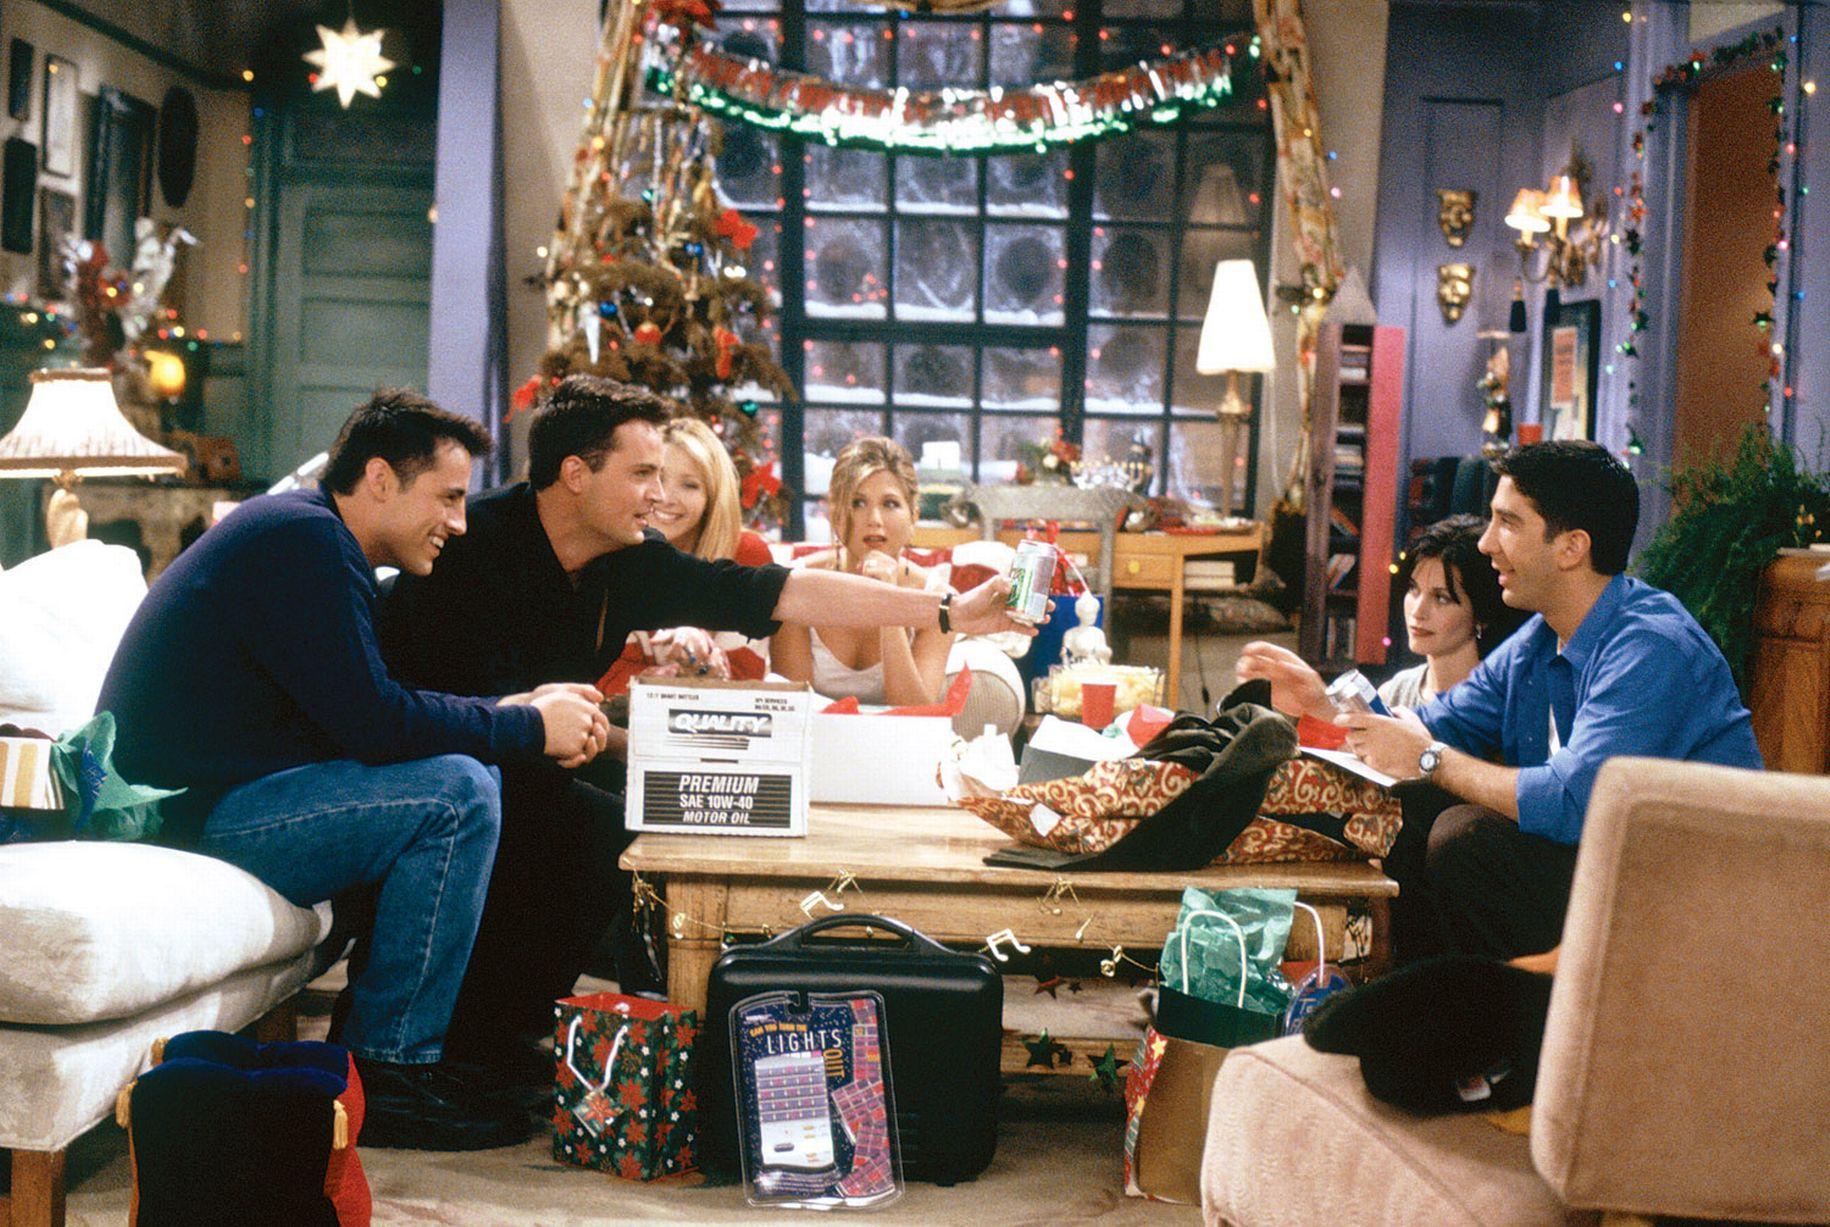 Todos Los Capitulos De Navidad De Friends Grazia Mexico Y Latinoamerica Nosotros los guapos las inquilinas episodio 5 temporada 4. de navidad de friends